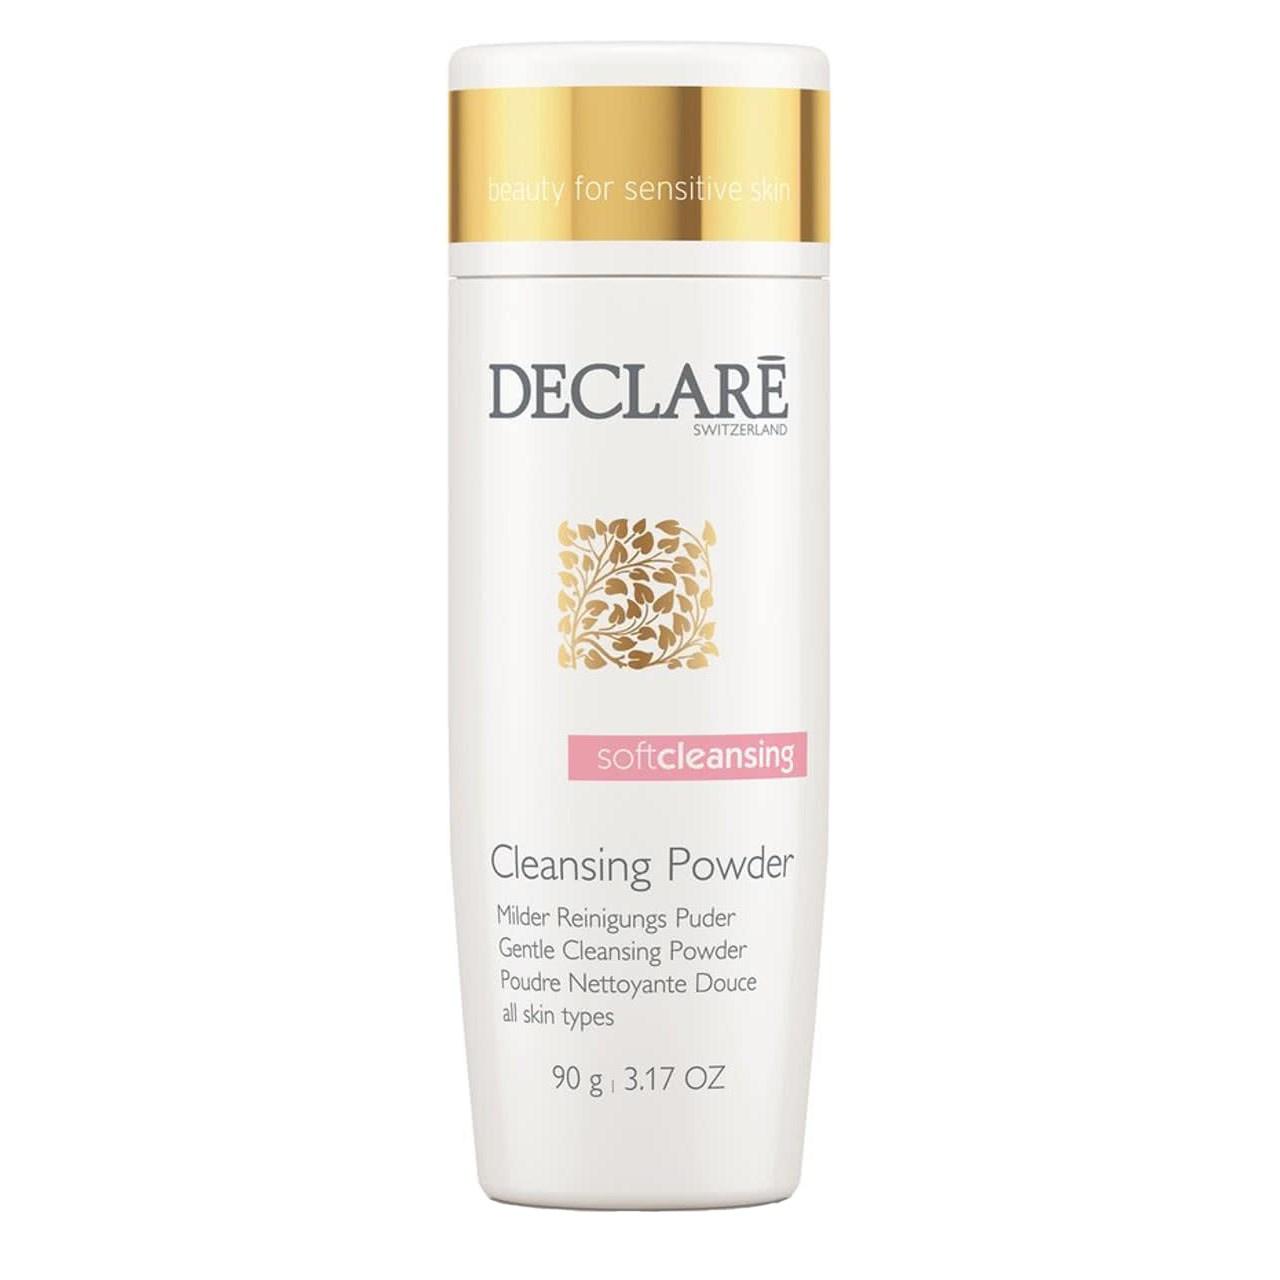 پاک کننده آرایش دکلرِ مدل Cleansing Powder حجم 90 میلی لیتر